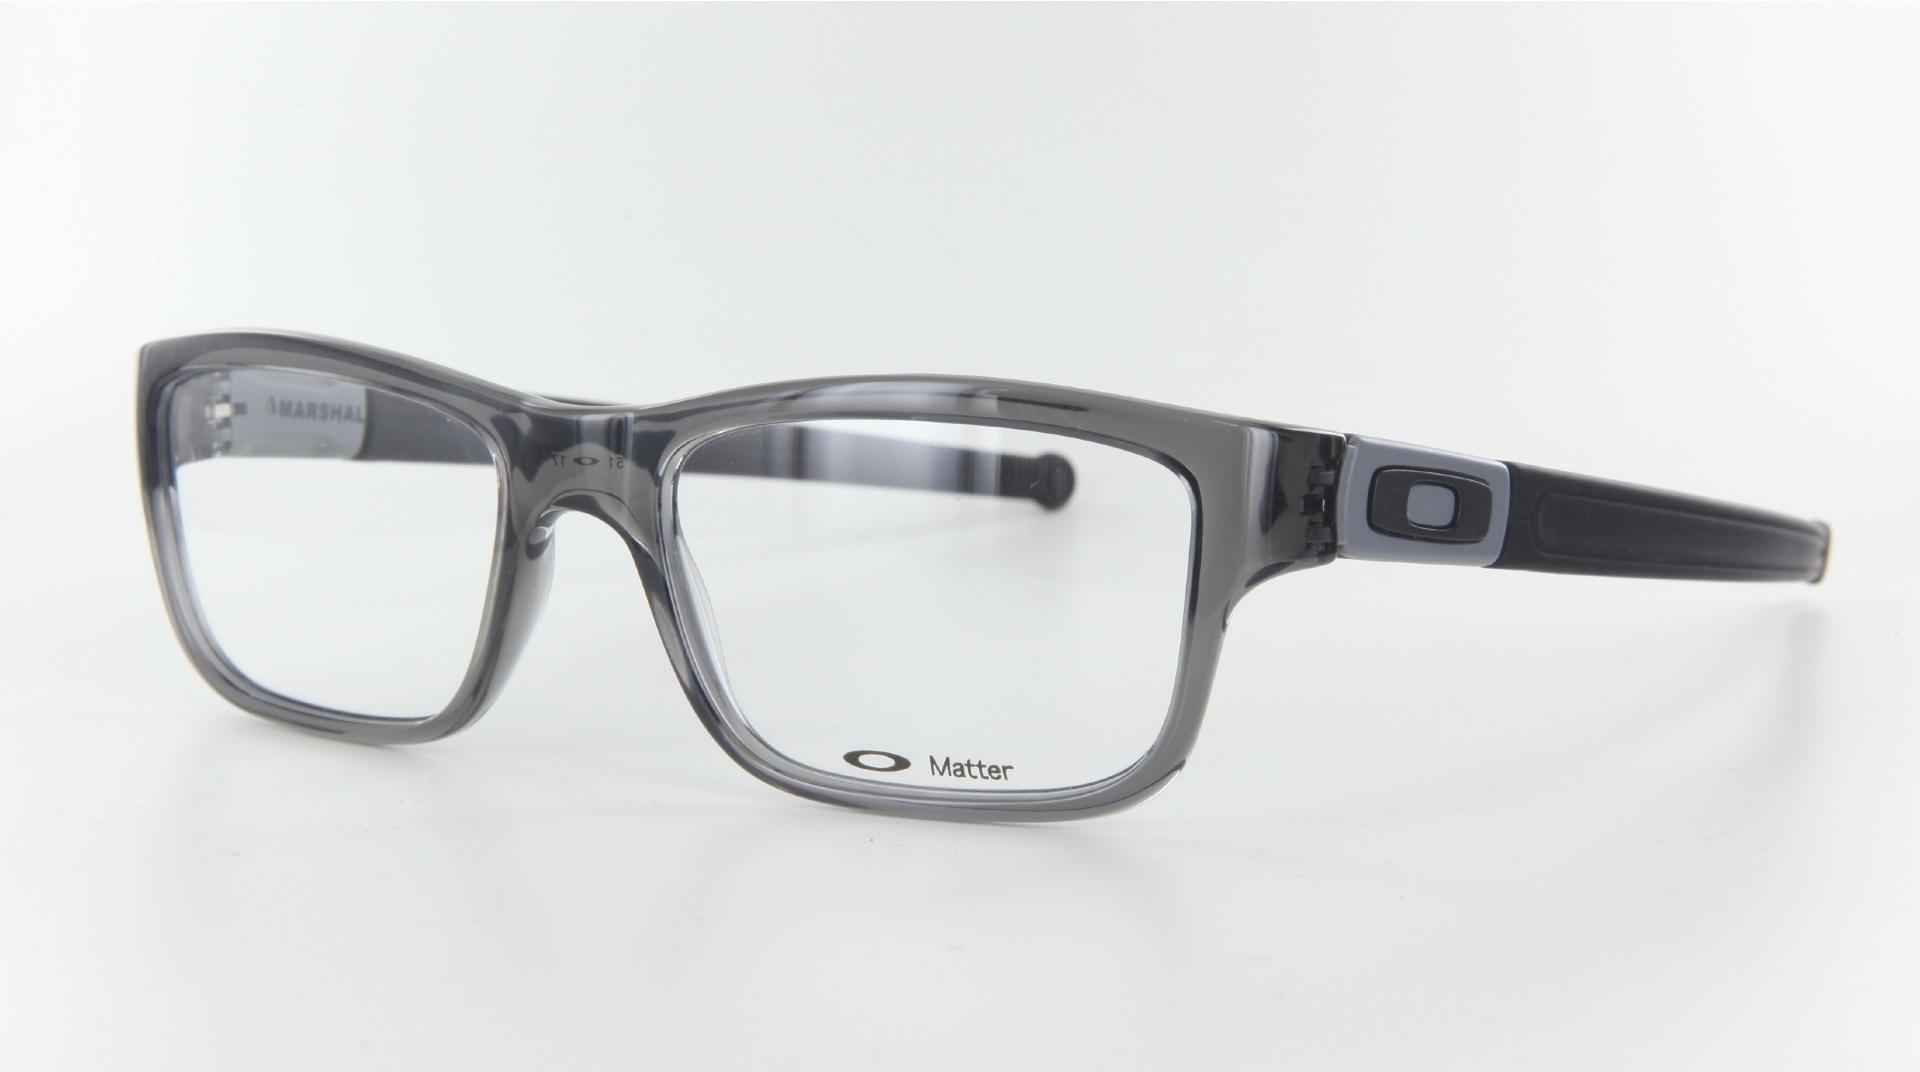 Oakley - ref: 70682